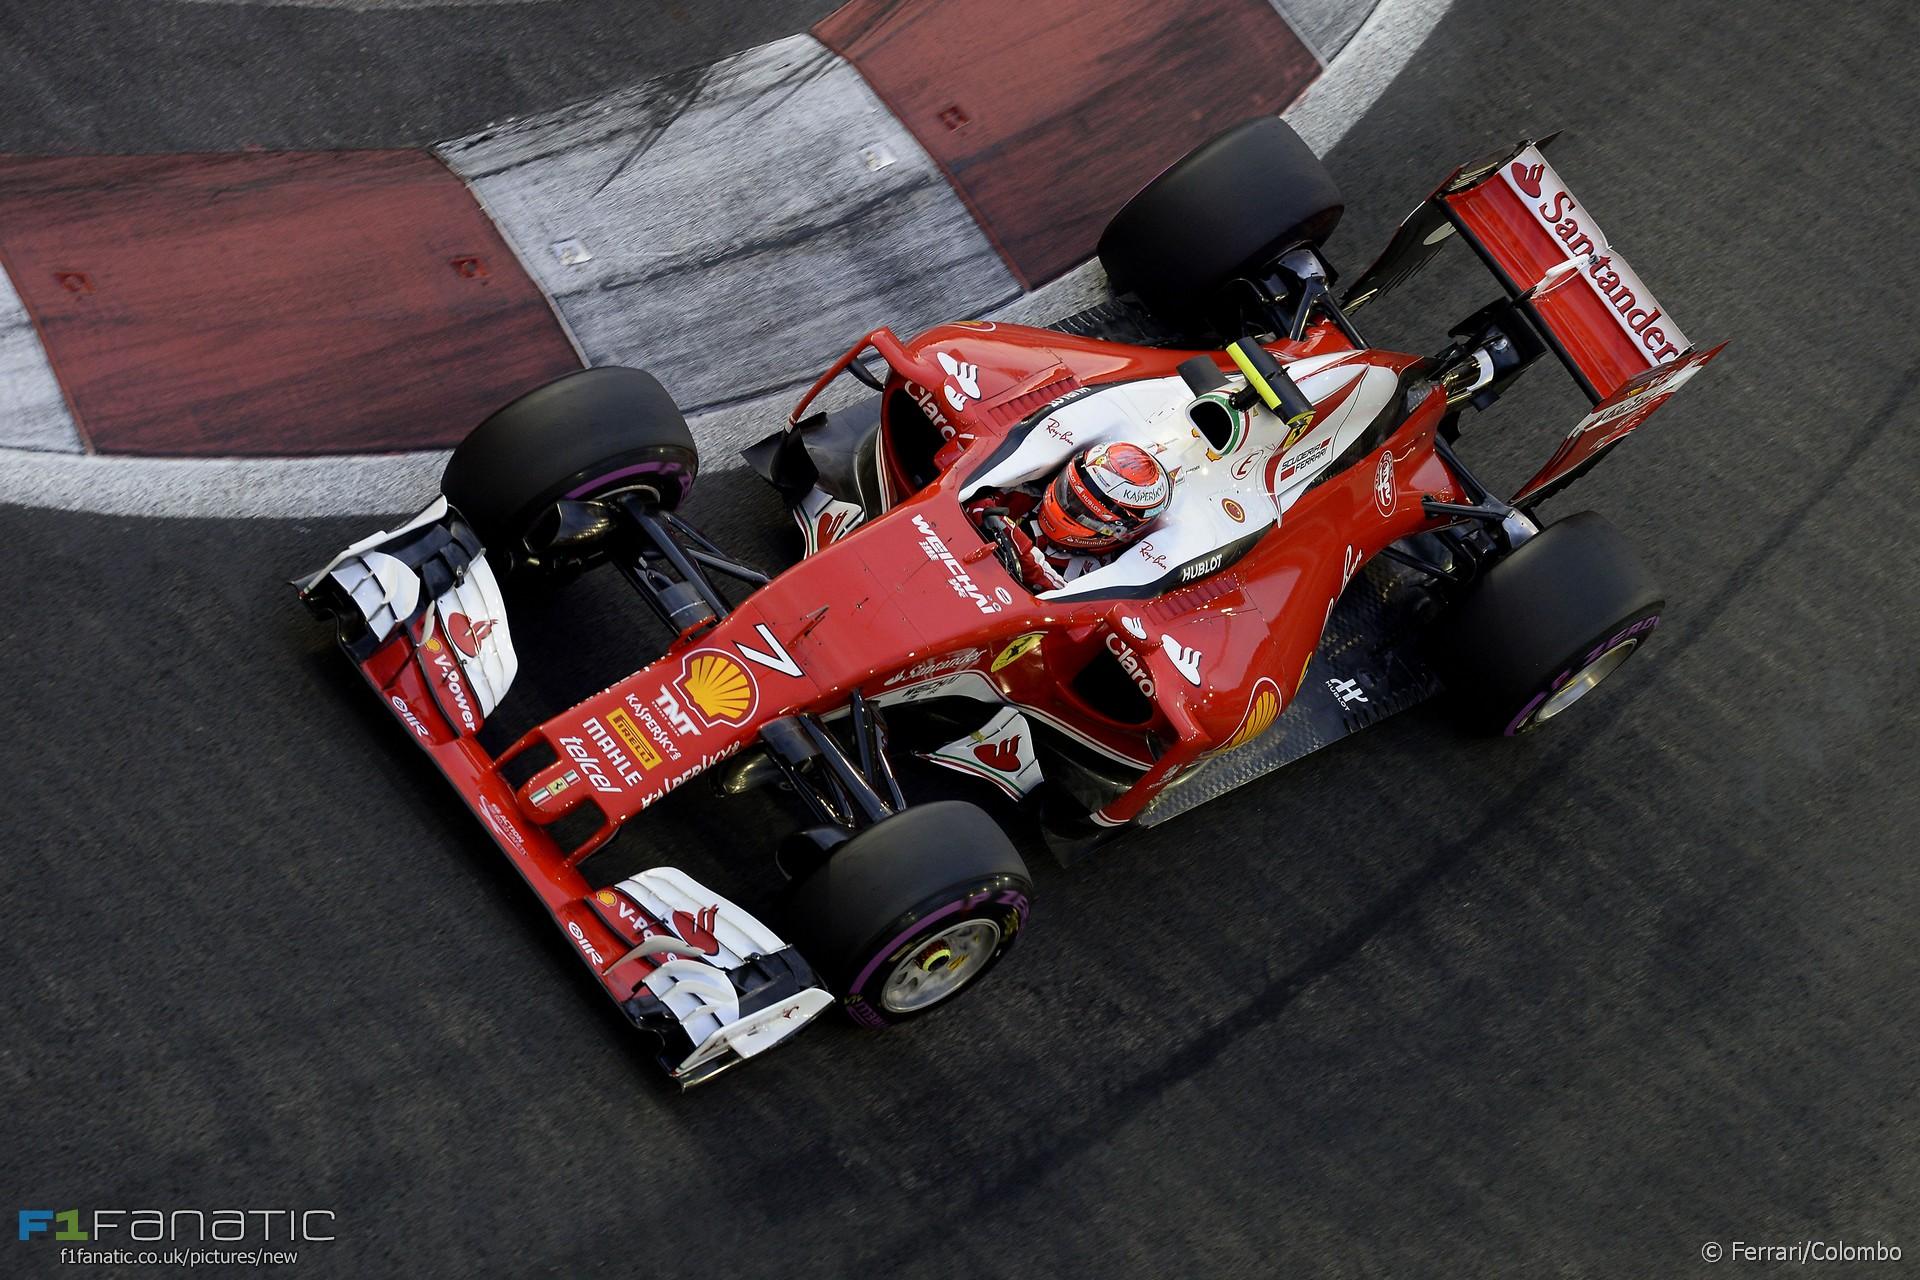 Kimi Raikkonen, Ferrari, Singapore, 2016